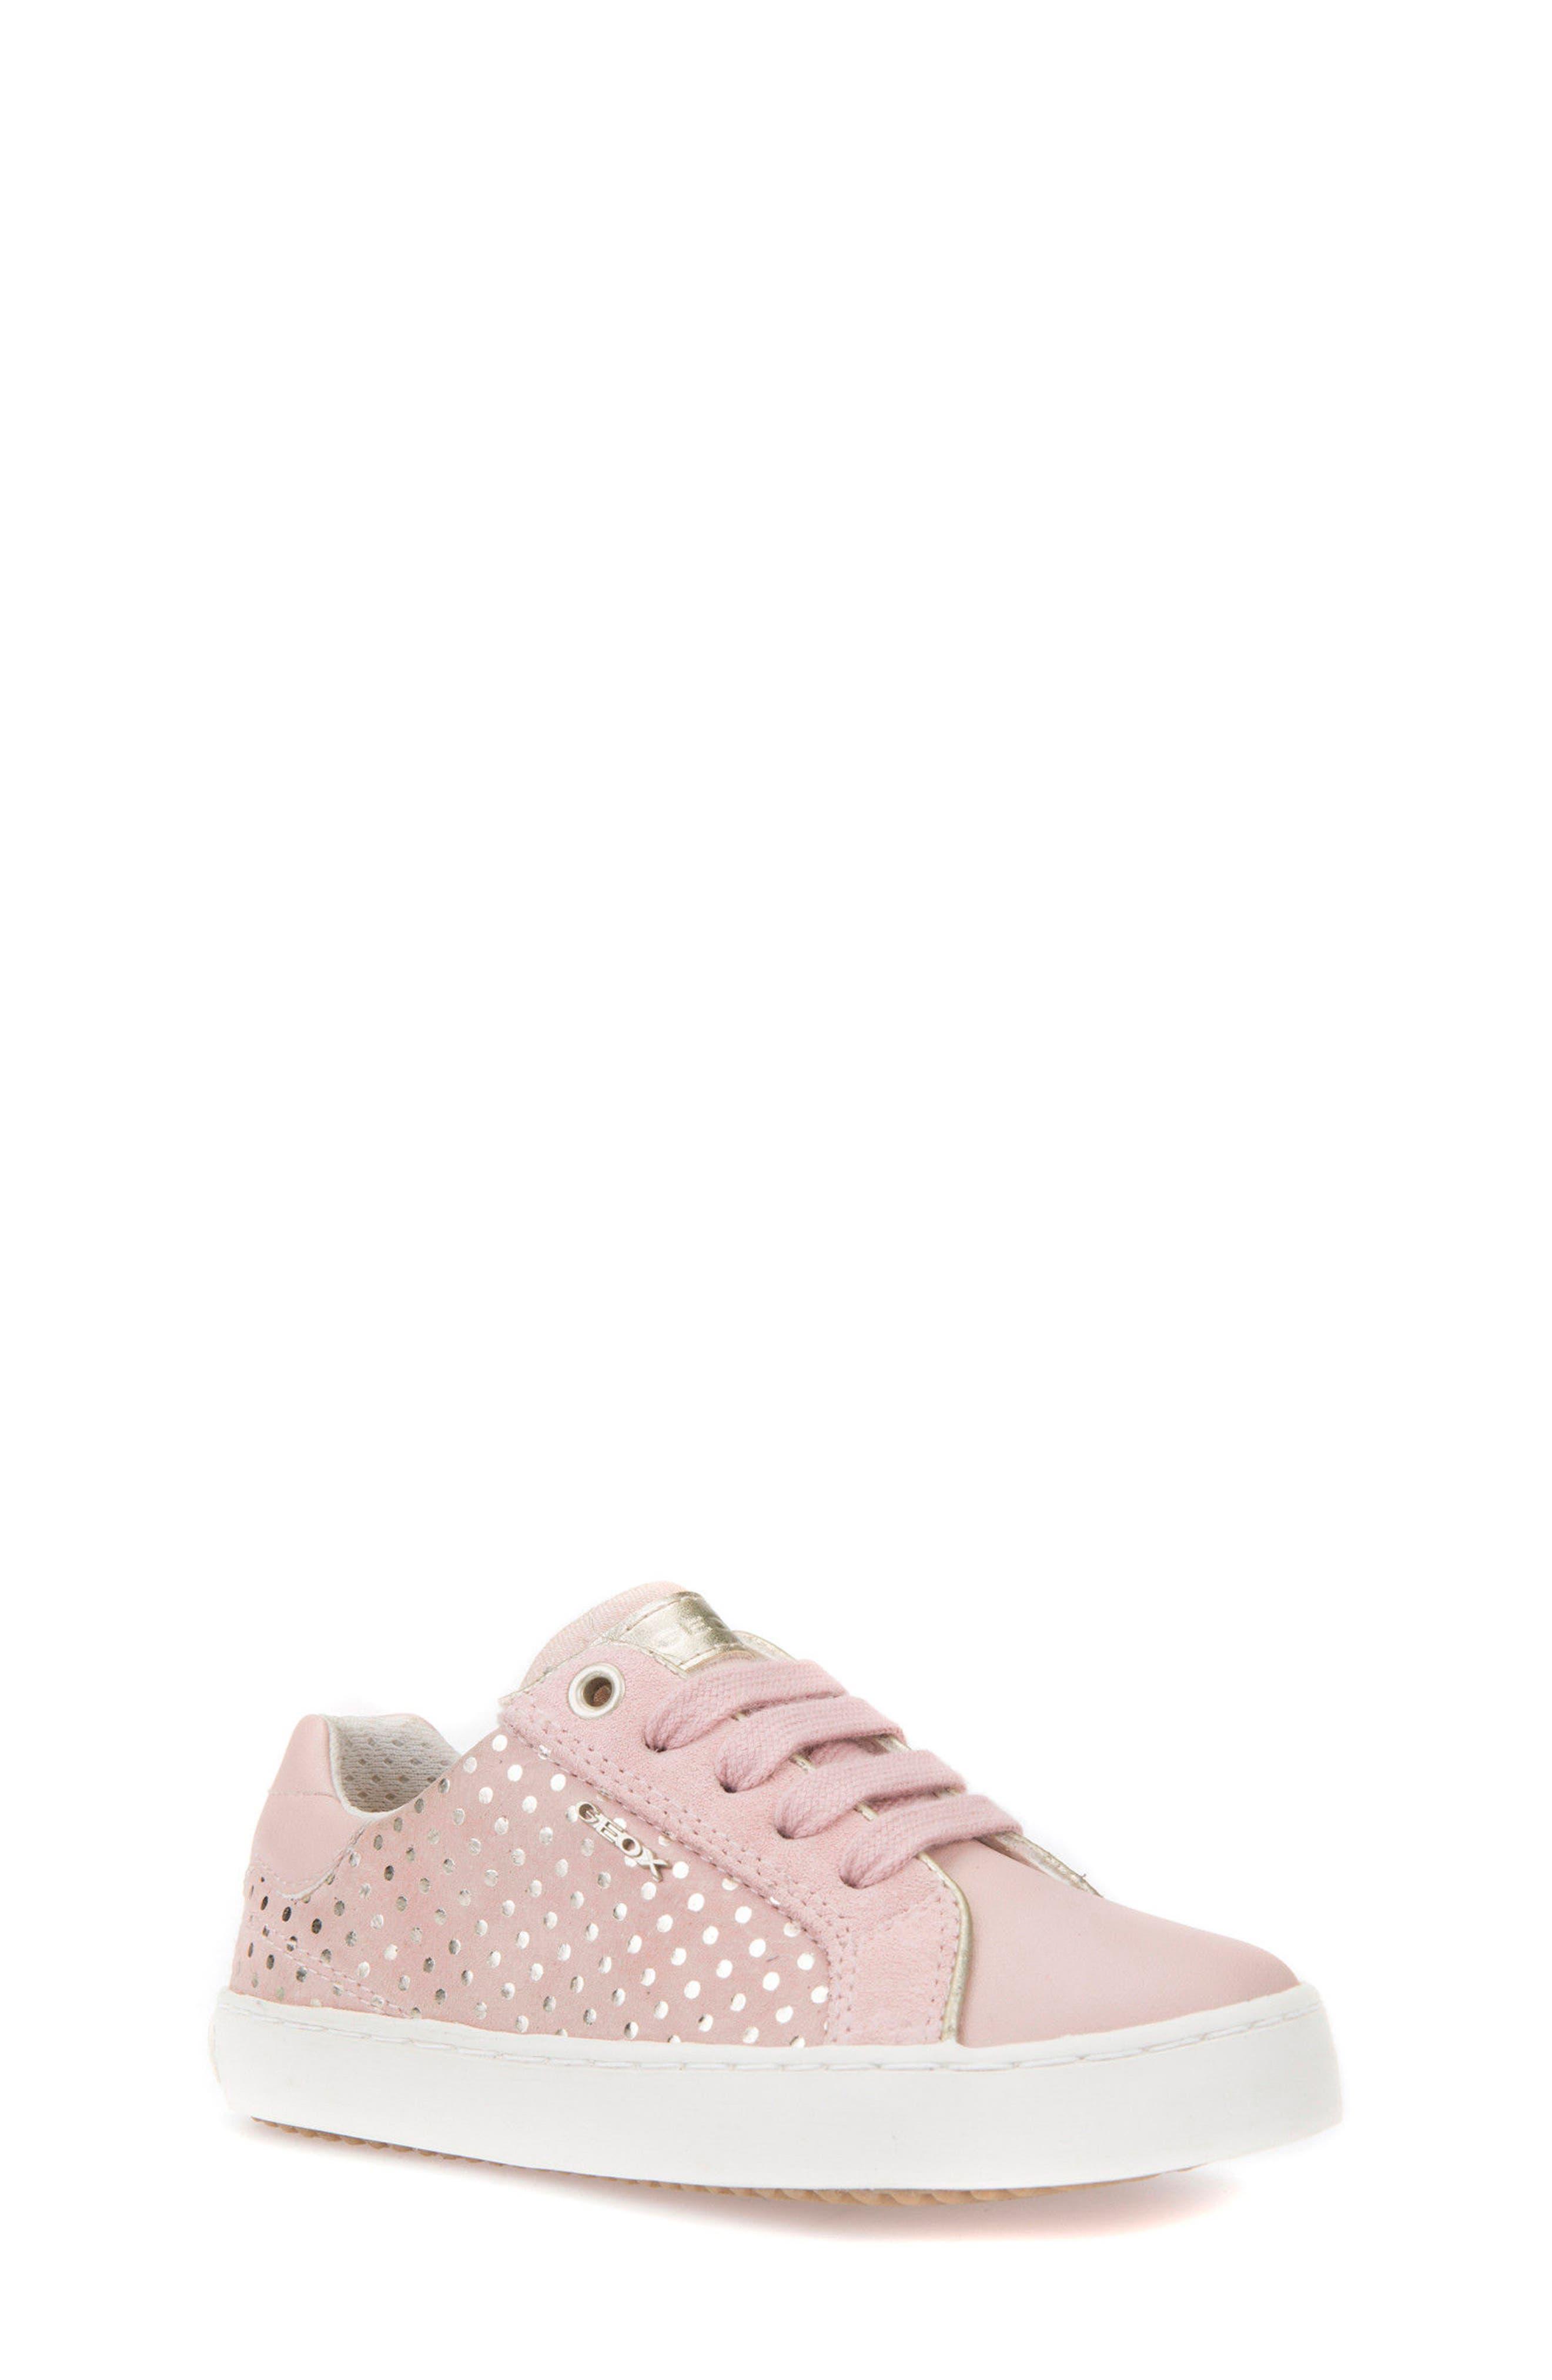 Kilwi Low Top Sneaker,                         Main,                         color, Rose